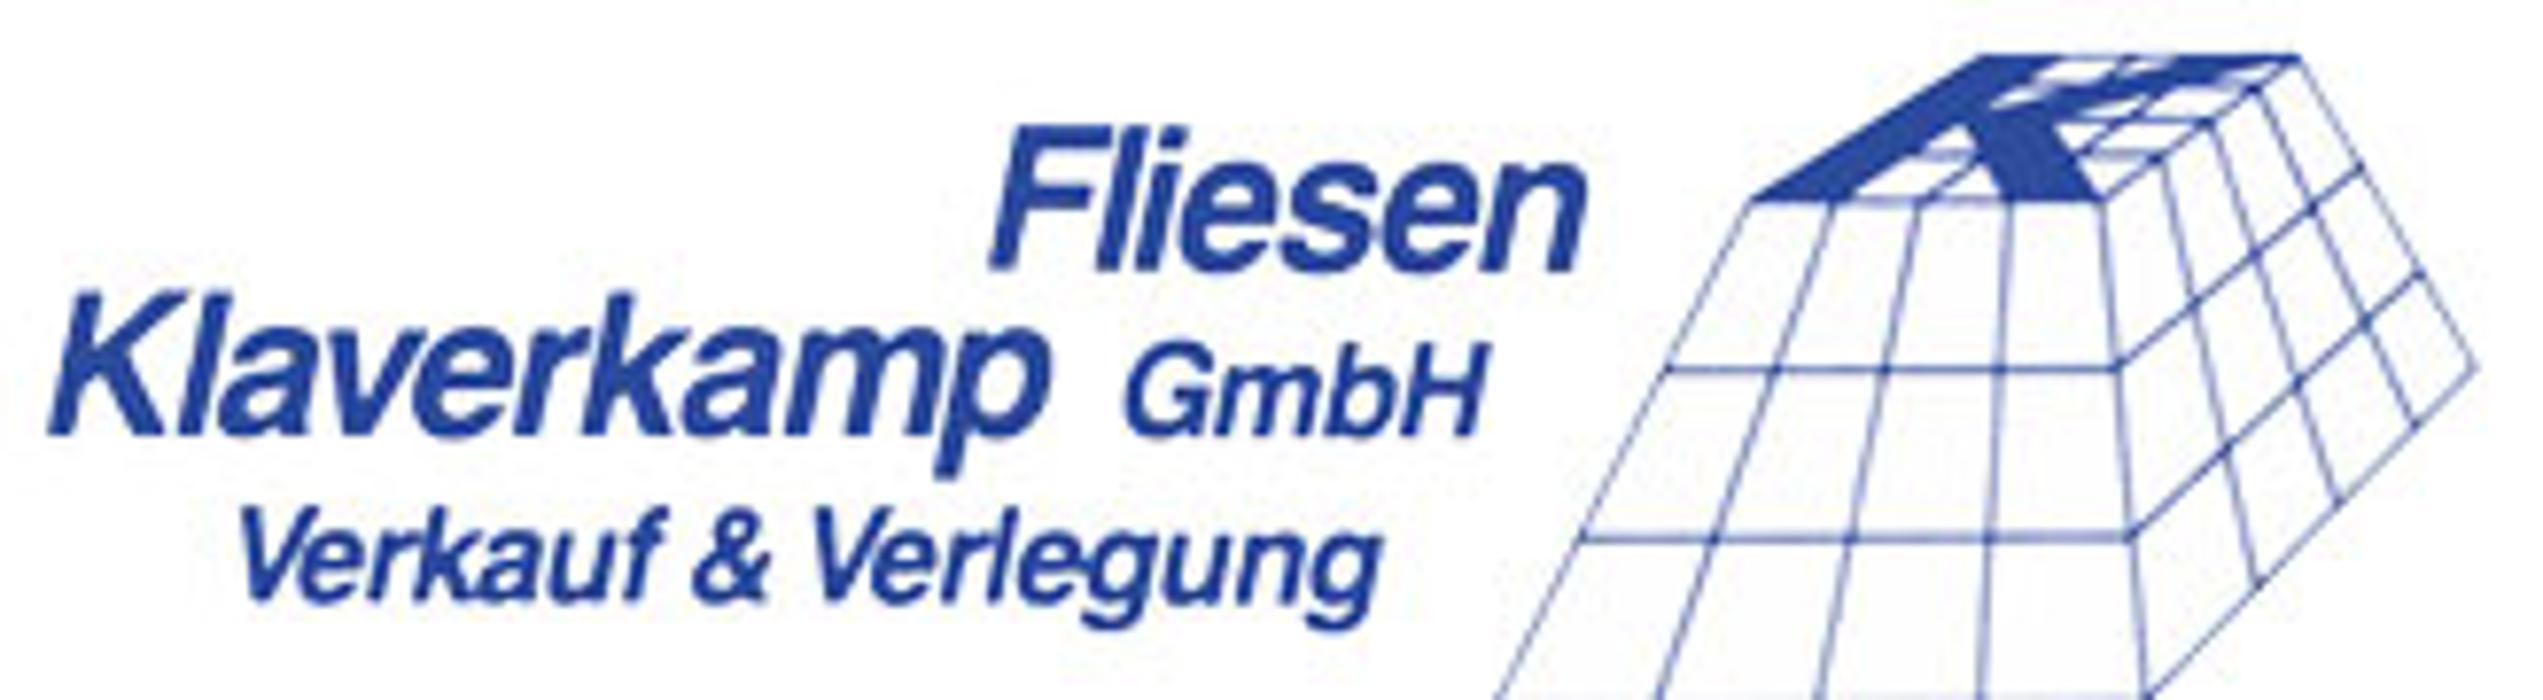 Bild zu Fliesen Klaverkamp GmbH in Werne